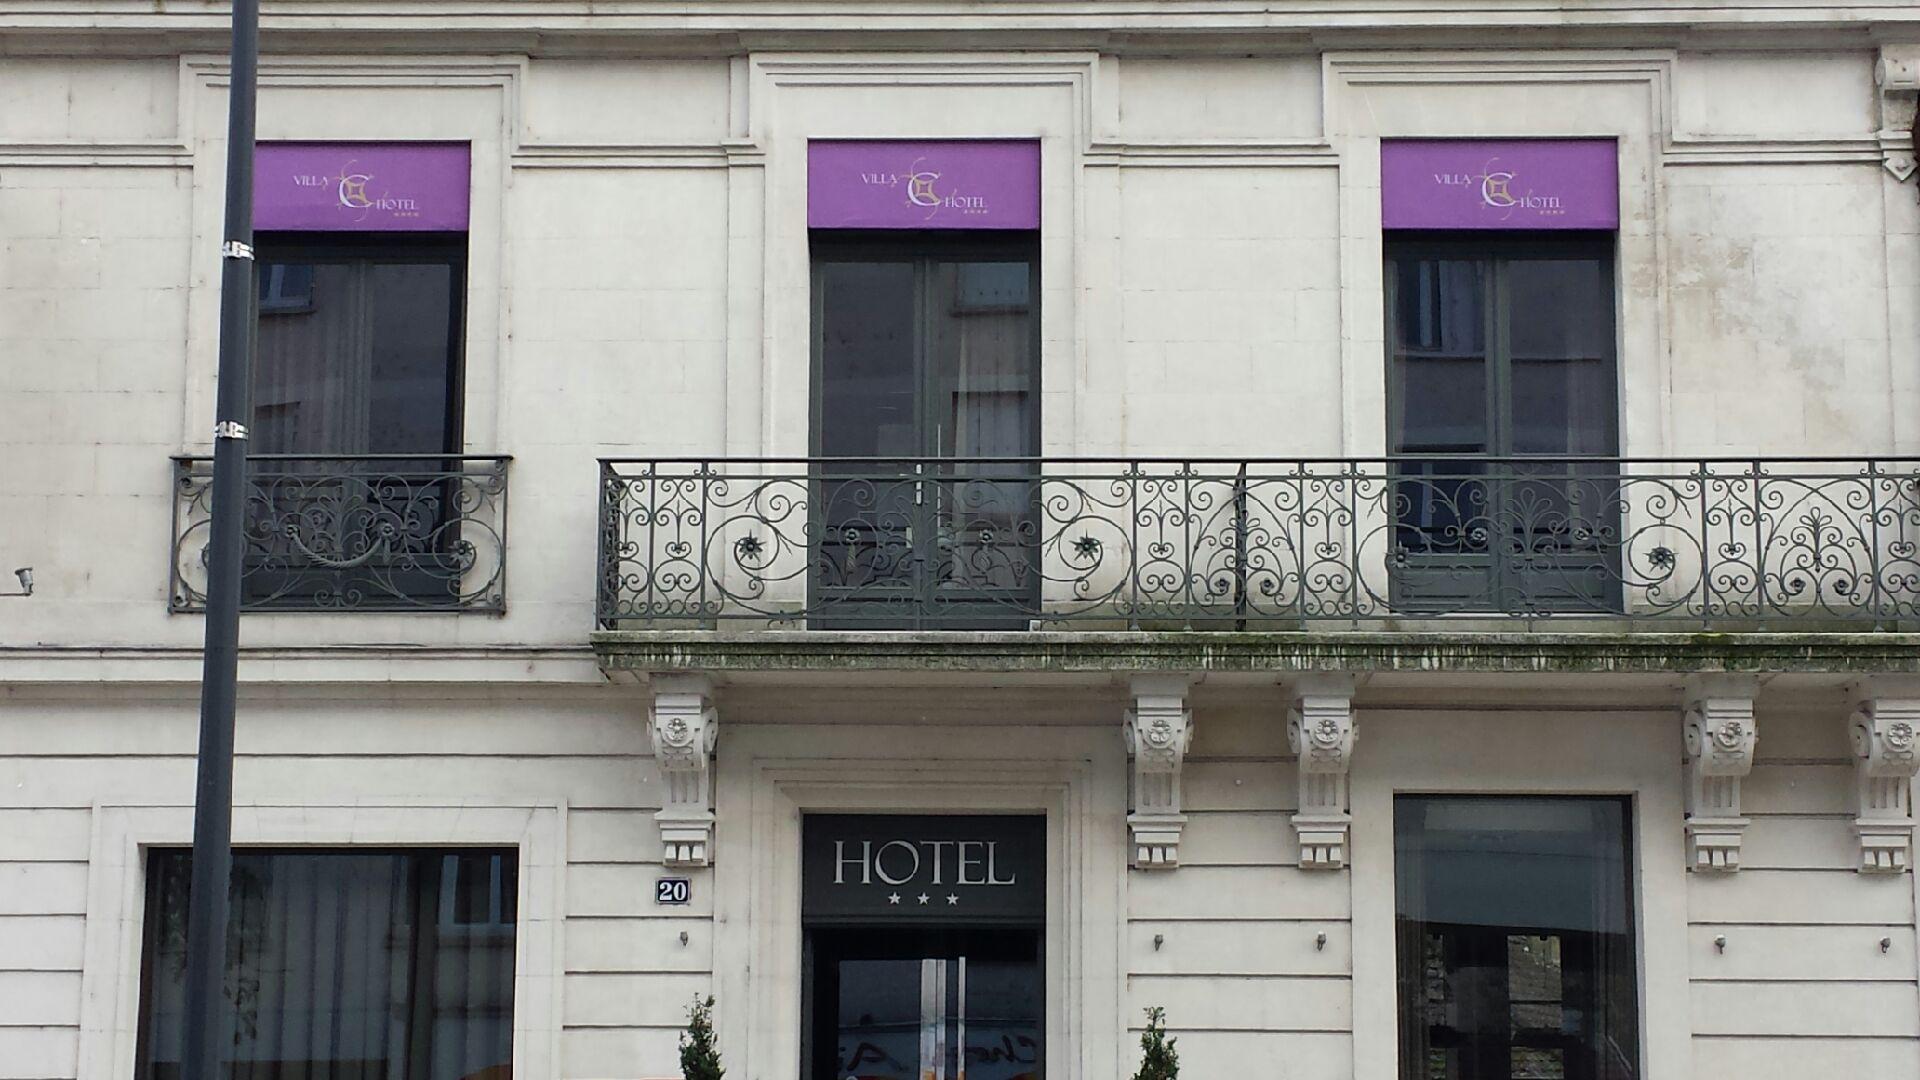 impostes de fenêtre toile nautique sur cadre bois hôtel La Villa C****